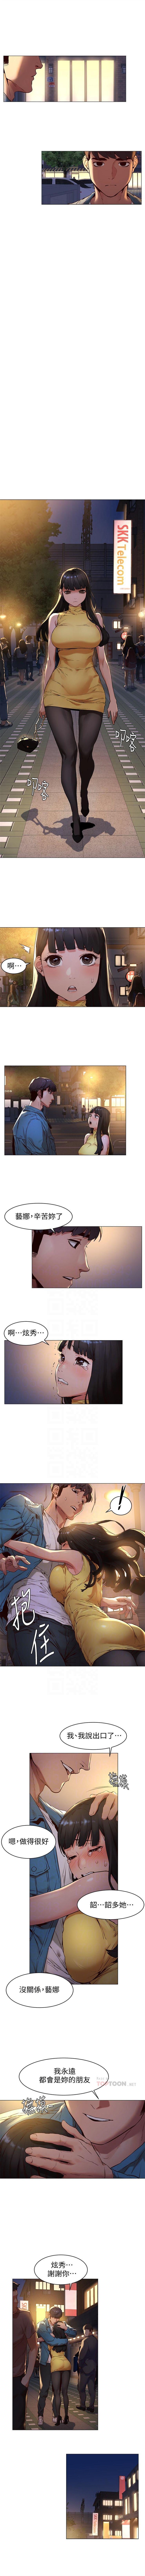 (週5)衝突 1-94 中文翻譯 (更新中) 393